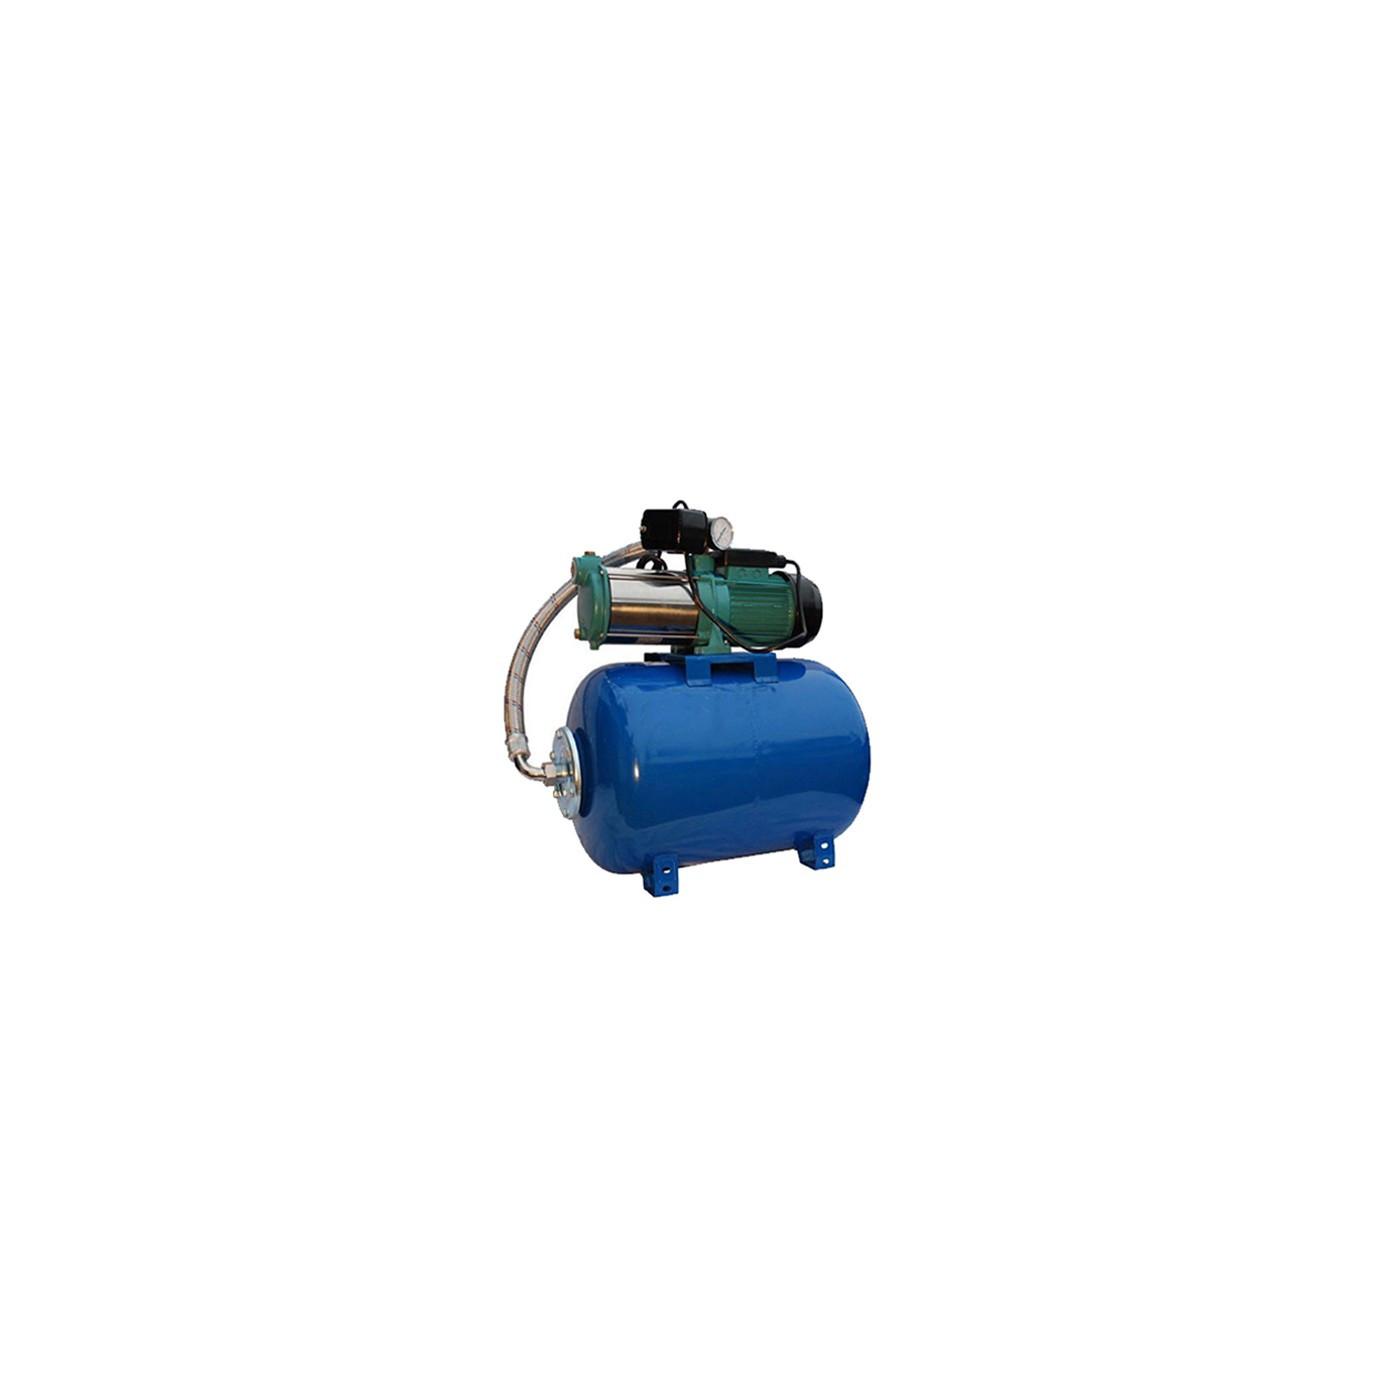 Wasserpumpe 1300-2200W 100l/min 24-100L Druckbehälter Gartenpumpe Hauswasserwerk Set